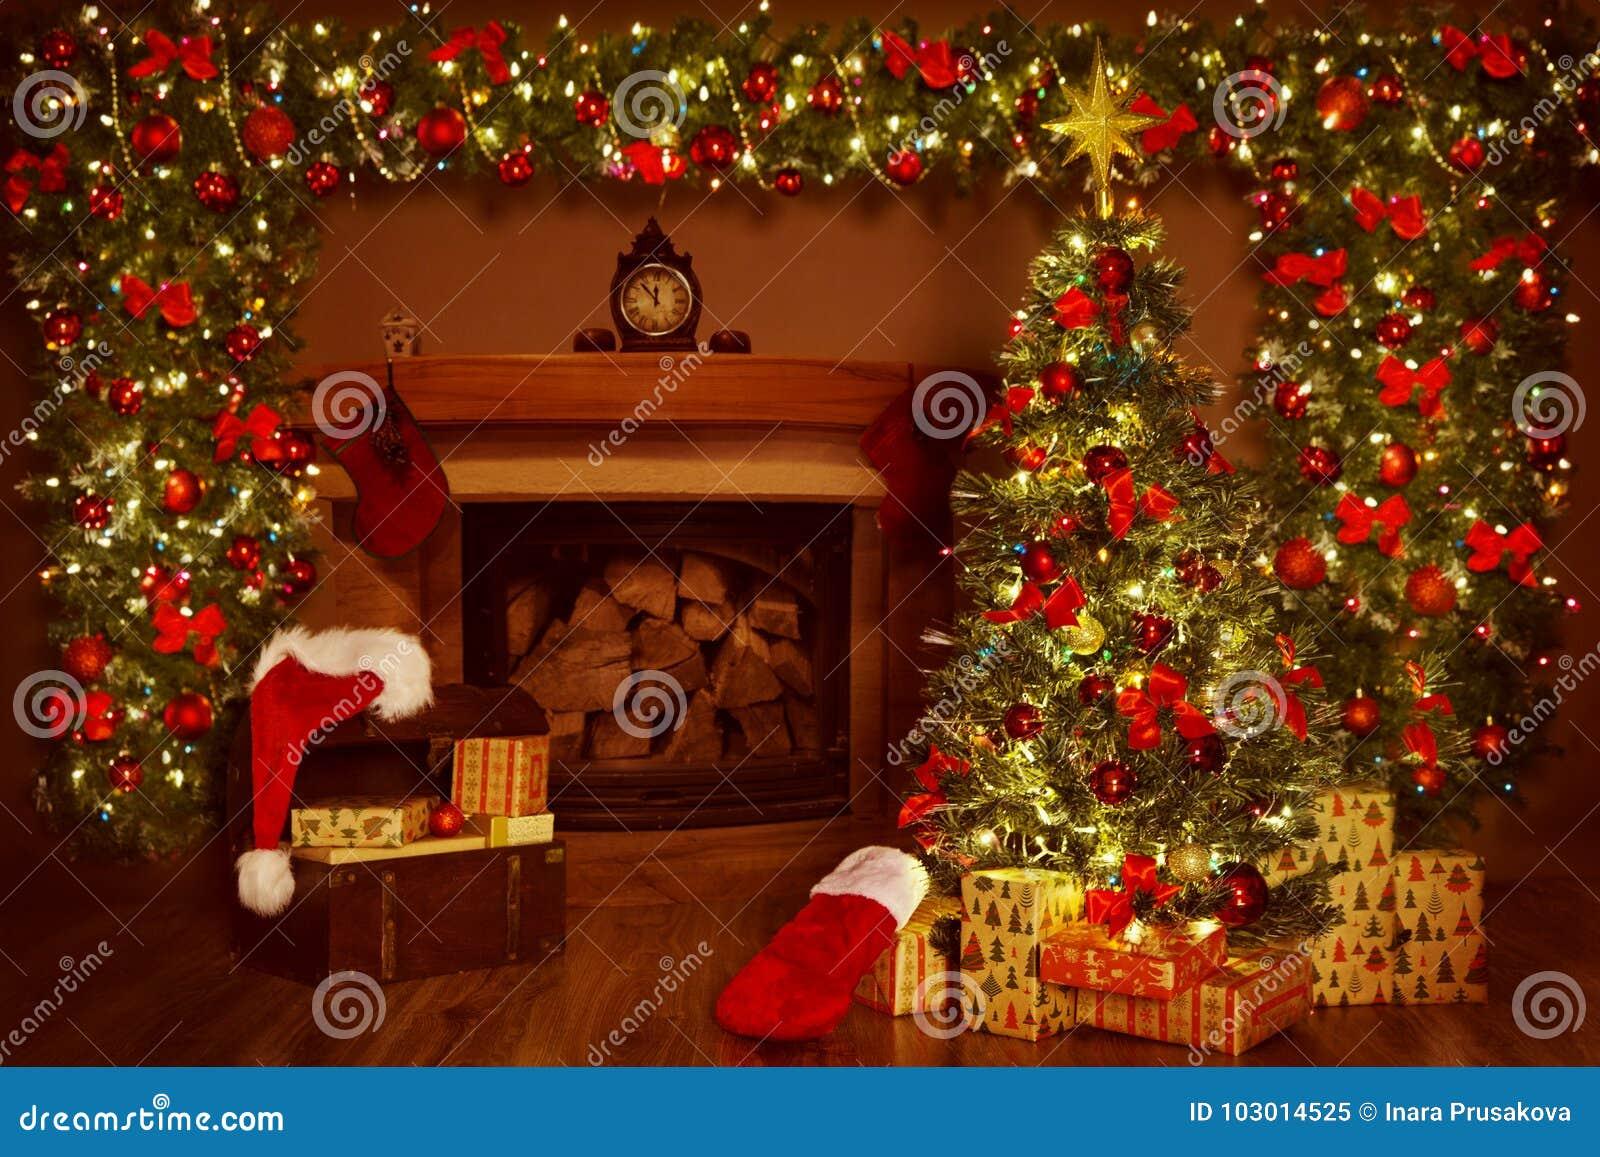 Weihnachtskamin-und -weihnachtsbaum, Geschenk-Geschenk-Dekorationen